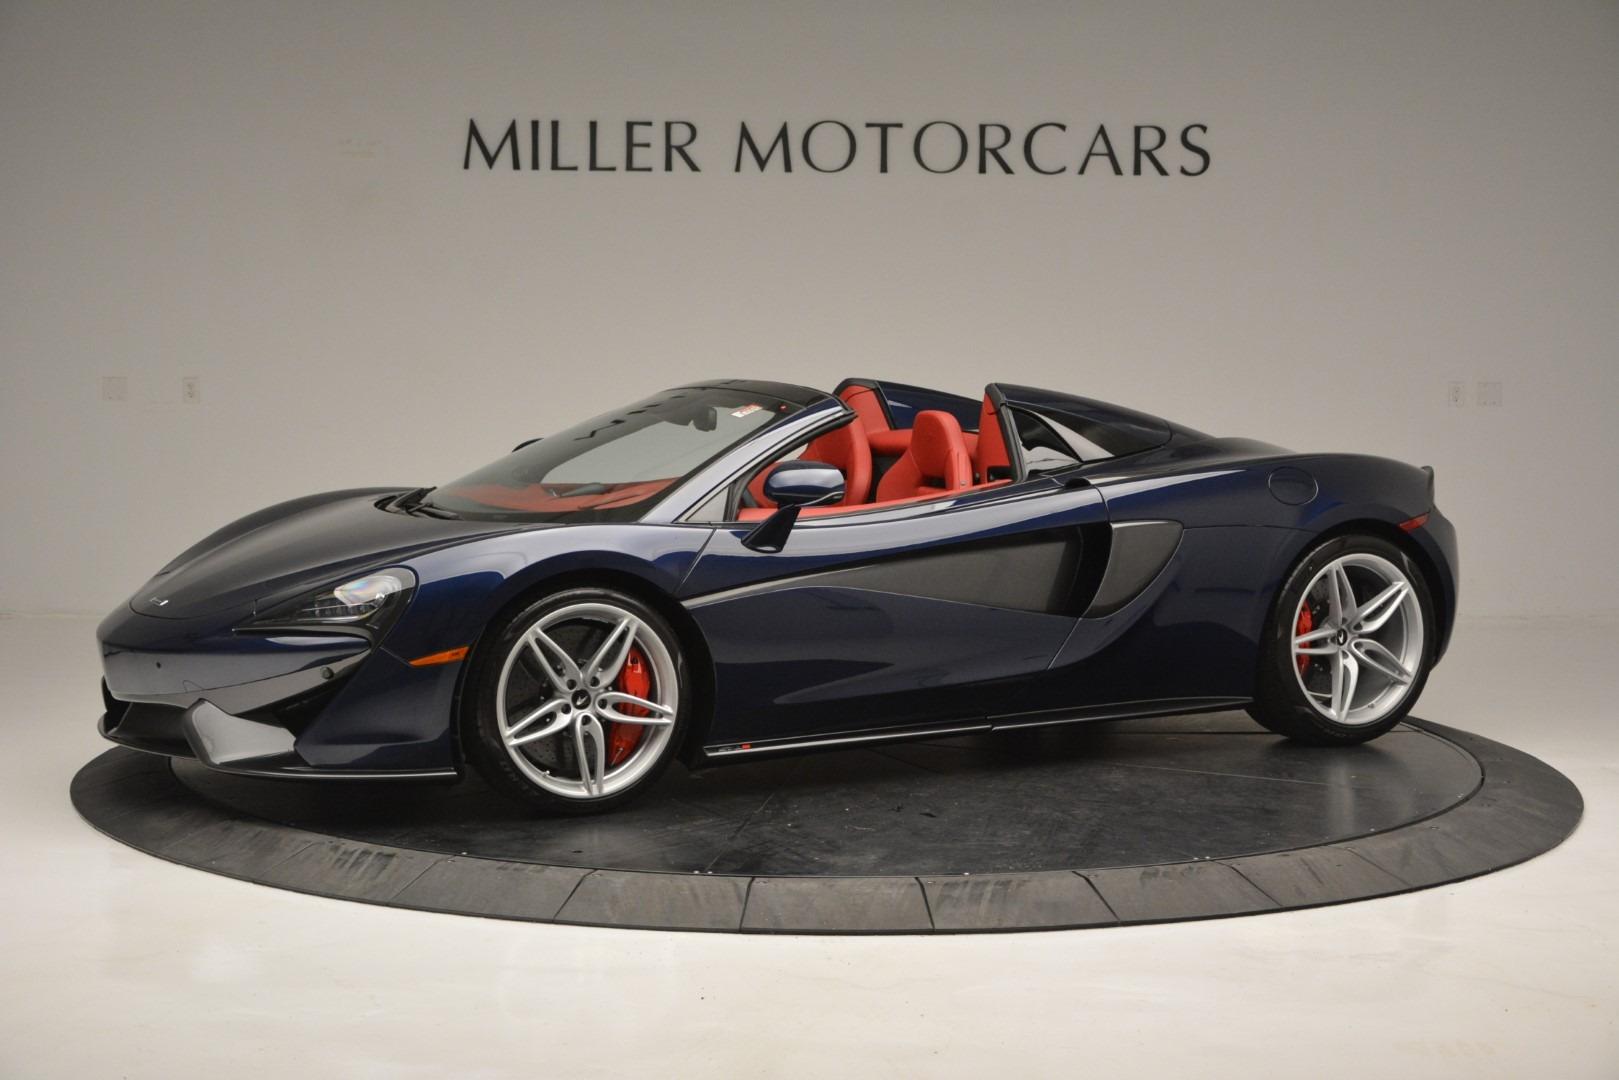 New 2019 McLaren 570S Spider Convertible For Sale In Westport, CT 2727_main